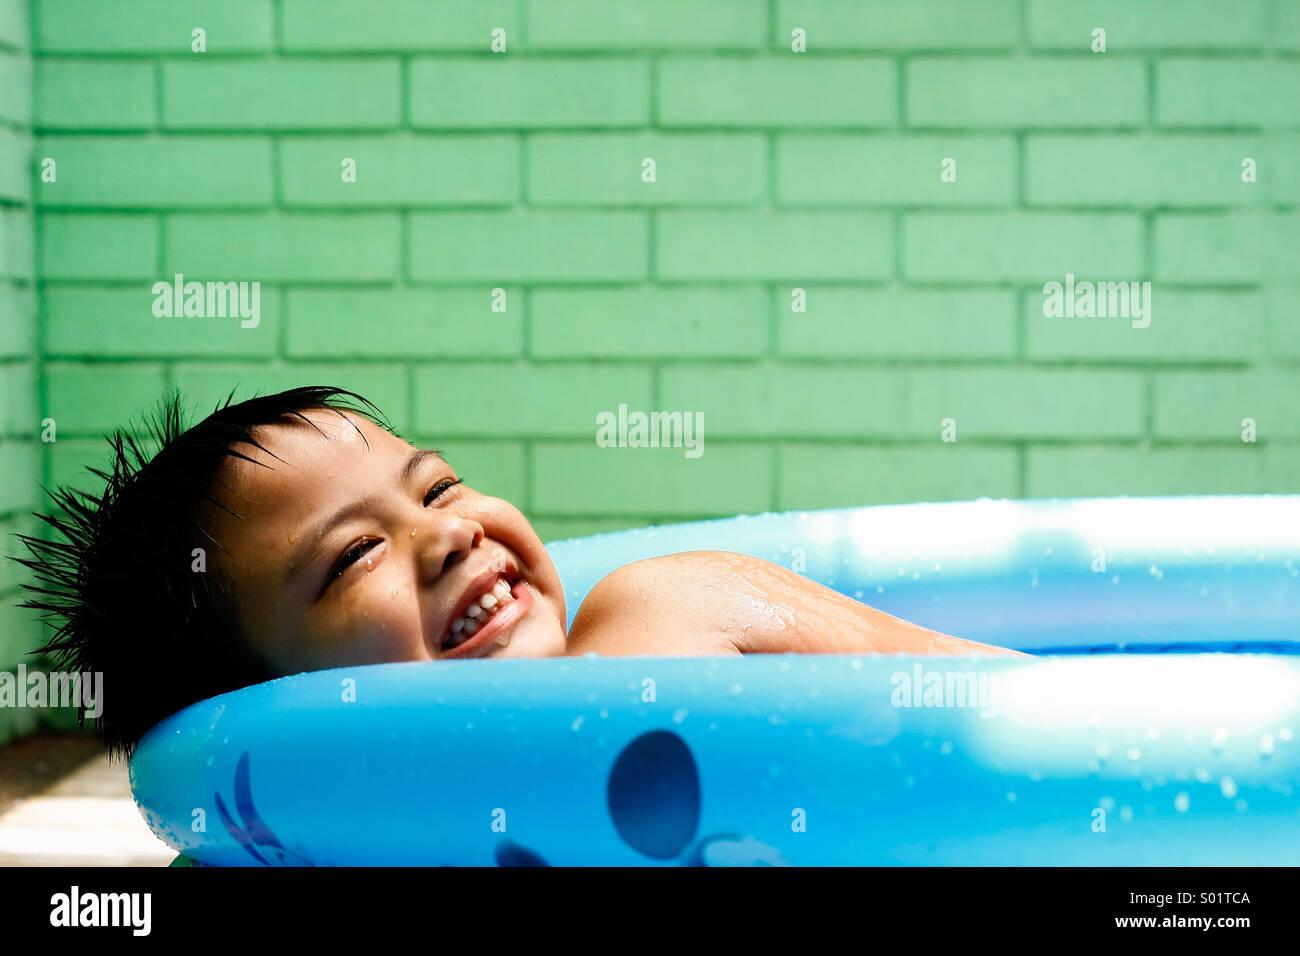 Cabrito en una piscina para niñosFoto de stock